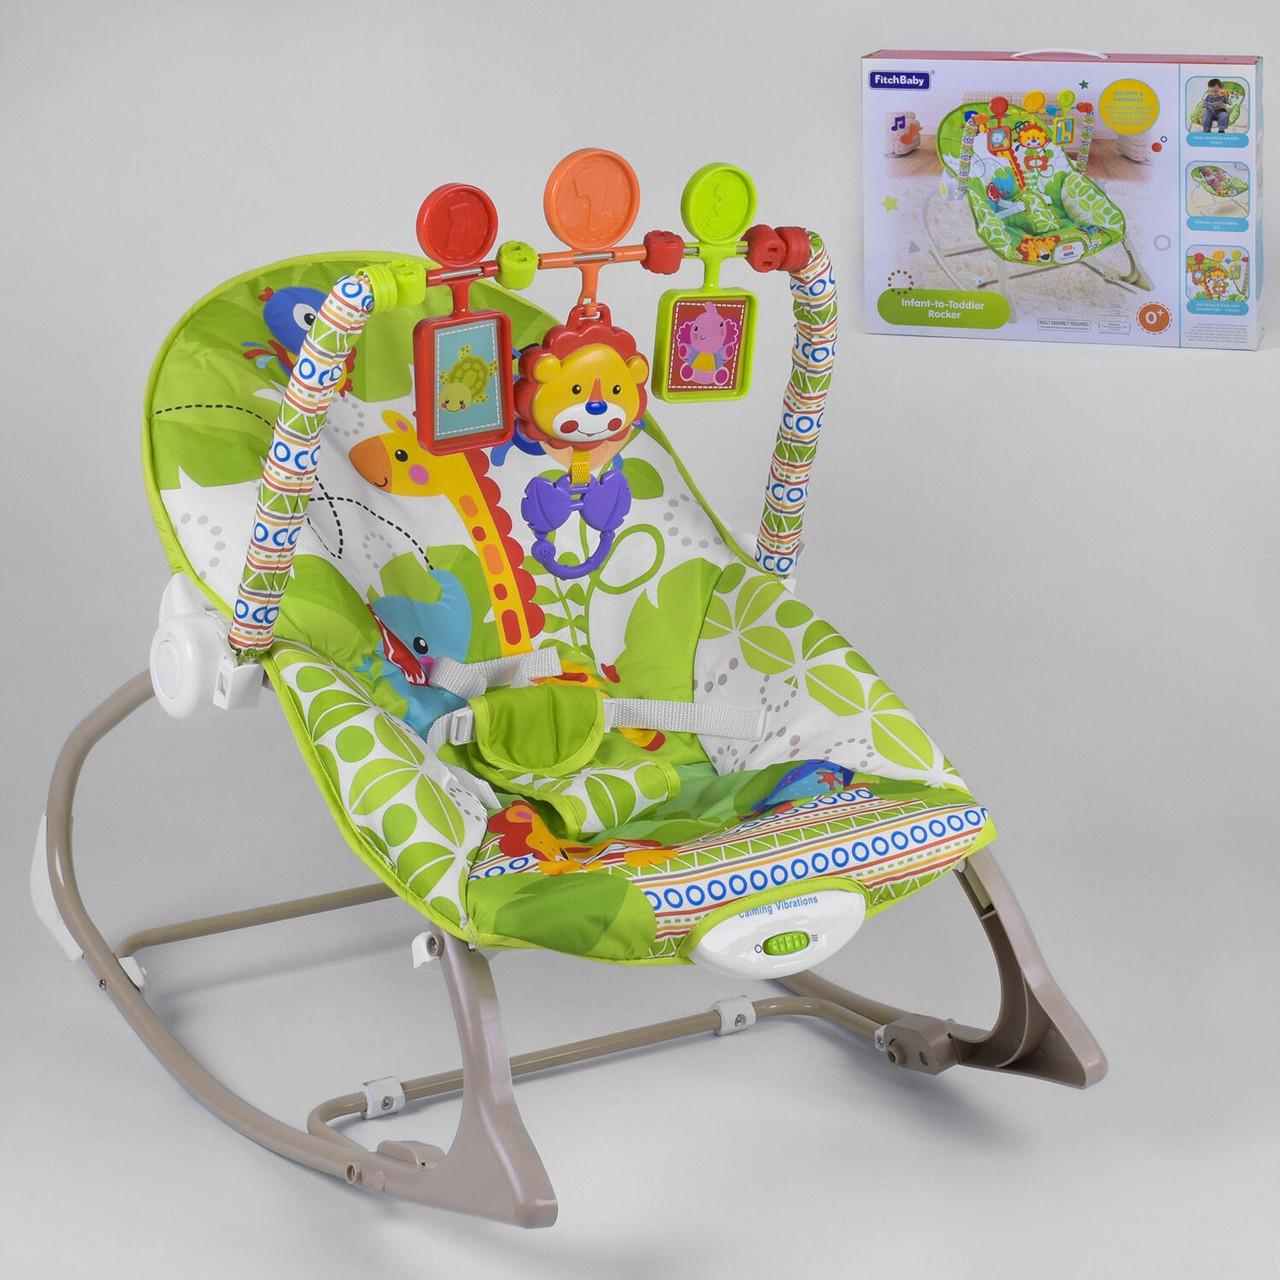 Детский шезлонг качалка для детей погремушки, музыка, вибрация, в коробке